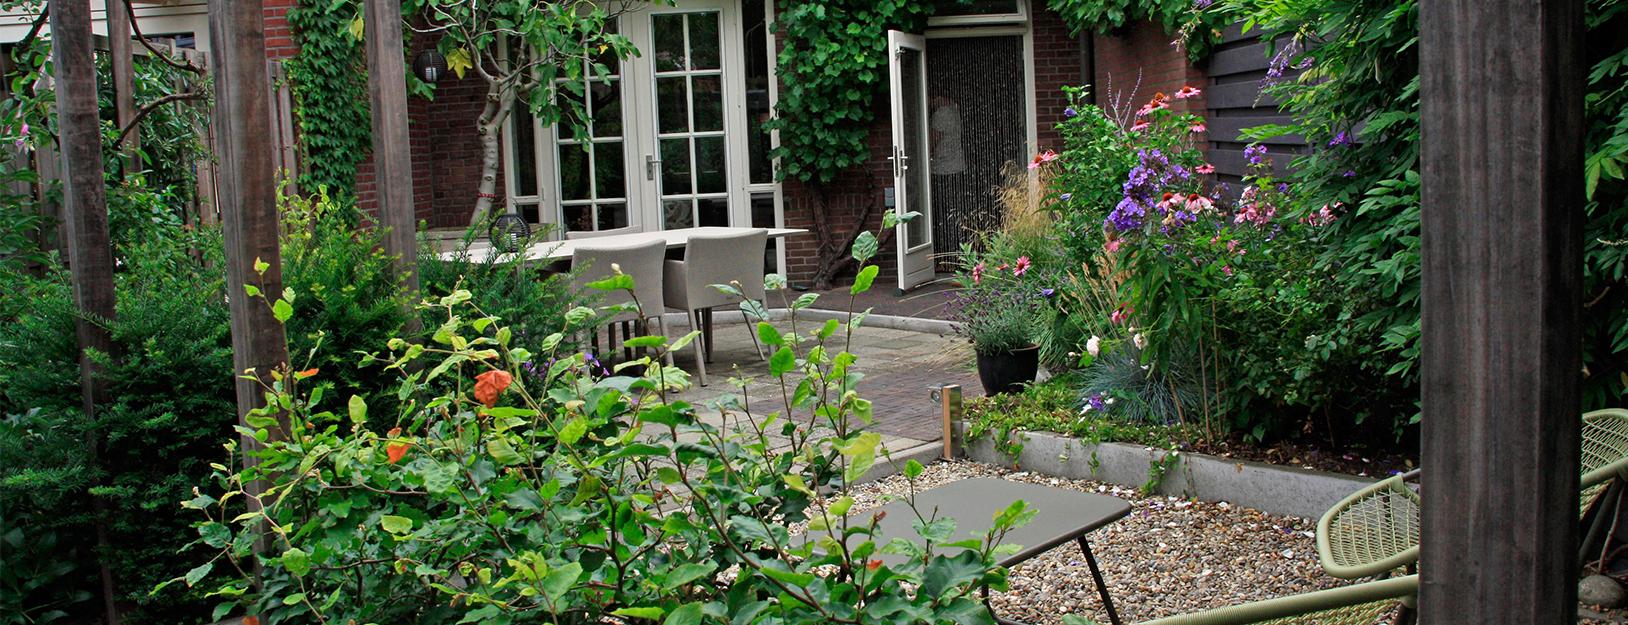 Kleine tuin tuinontwerpbureau ineke brunekreeft for Kleine tuinen voorbeelden